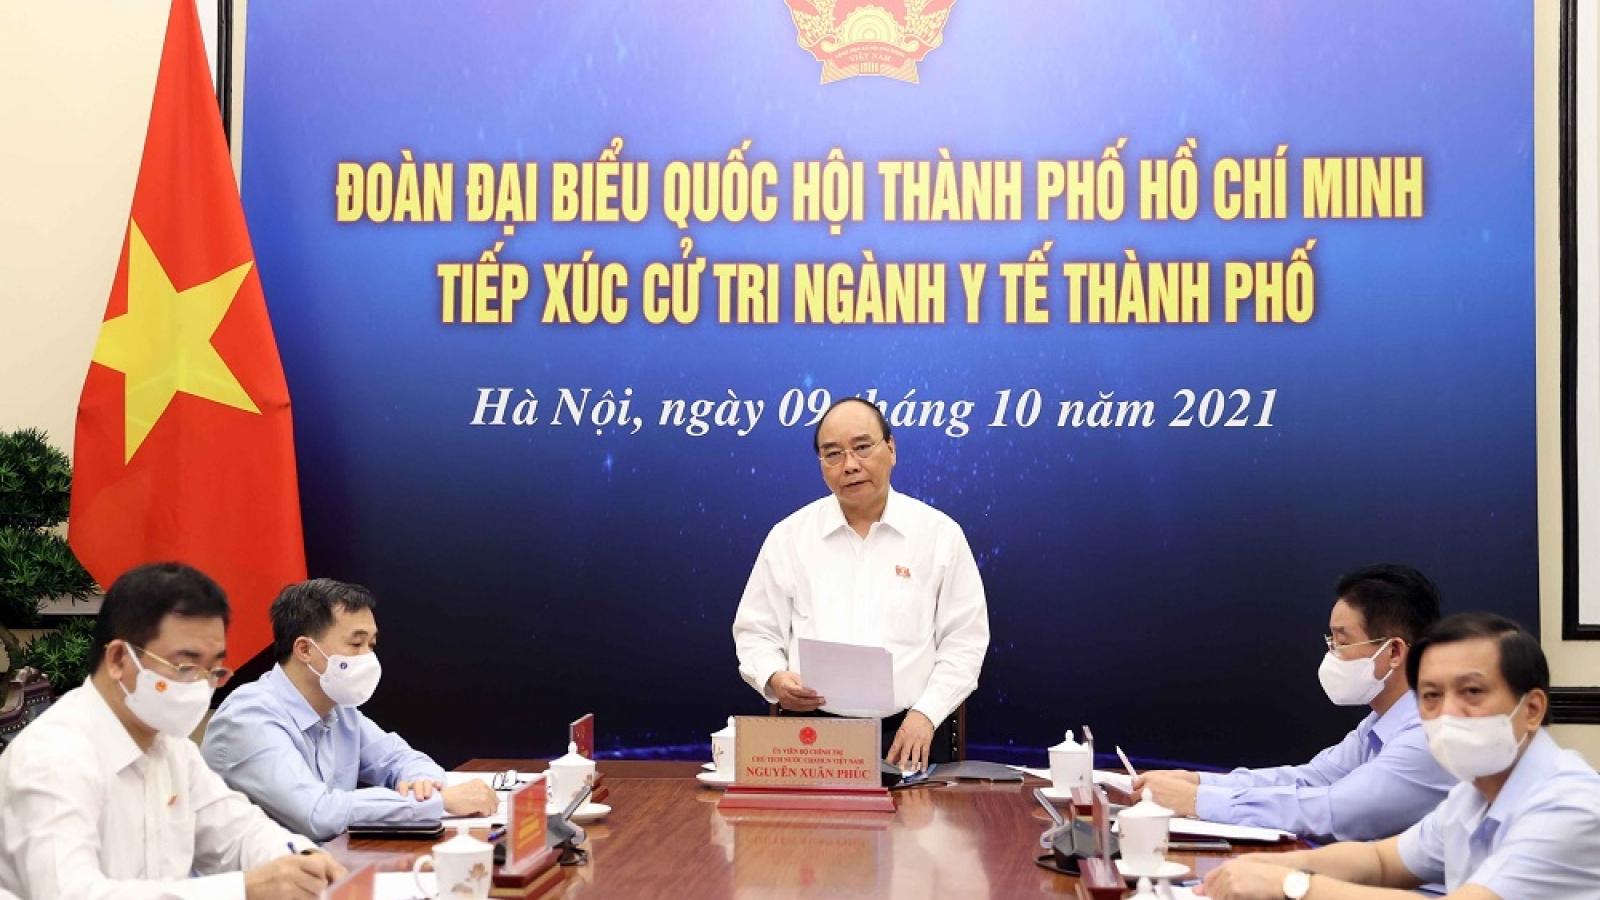 Chủ tịch nước đề nghị TPHCM tương trợ các địa phương trong vùng phòng, chống COVID-19